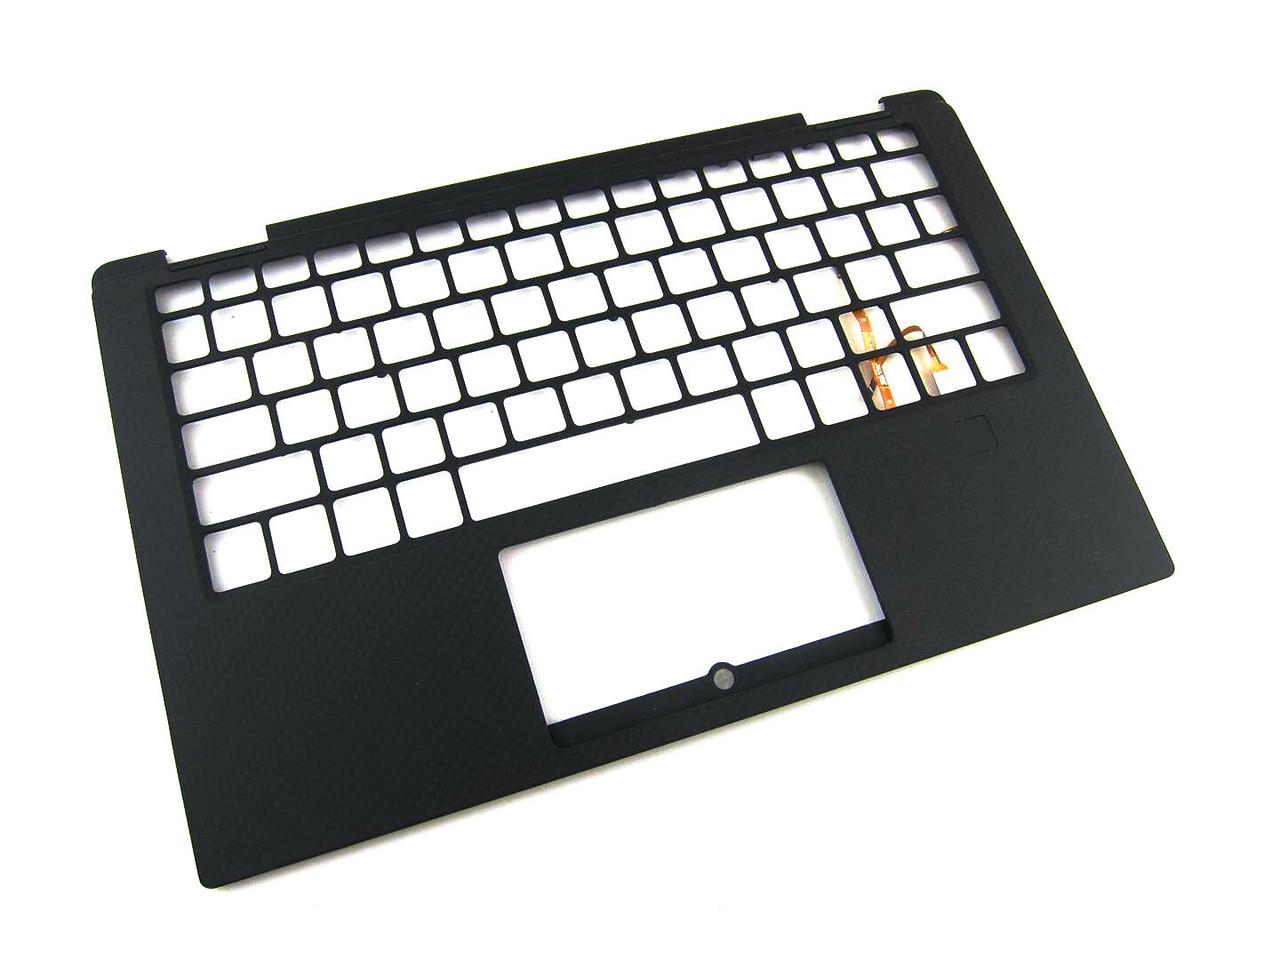 Dell XPS 13 9365 Palmrest Assembly with Fingerprint Reader- 89GD9